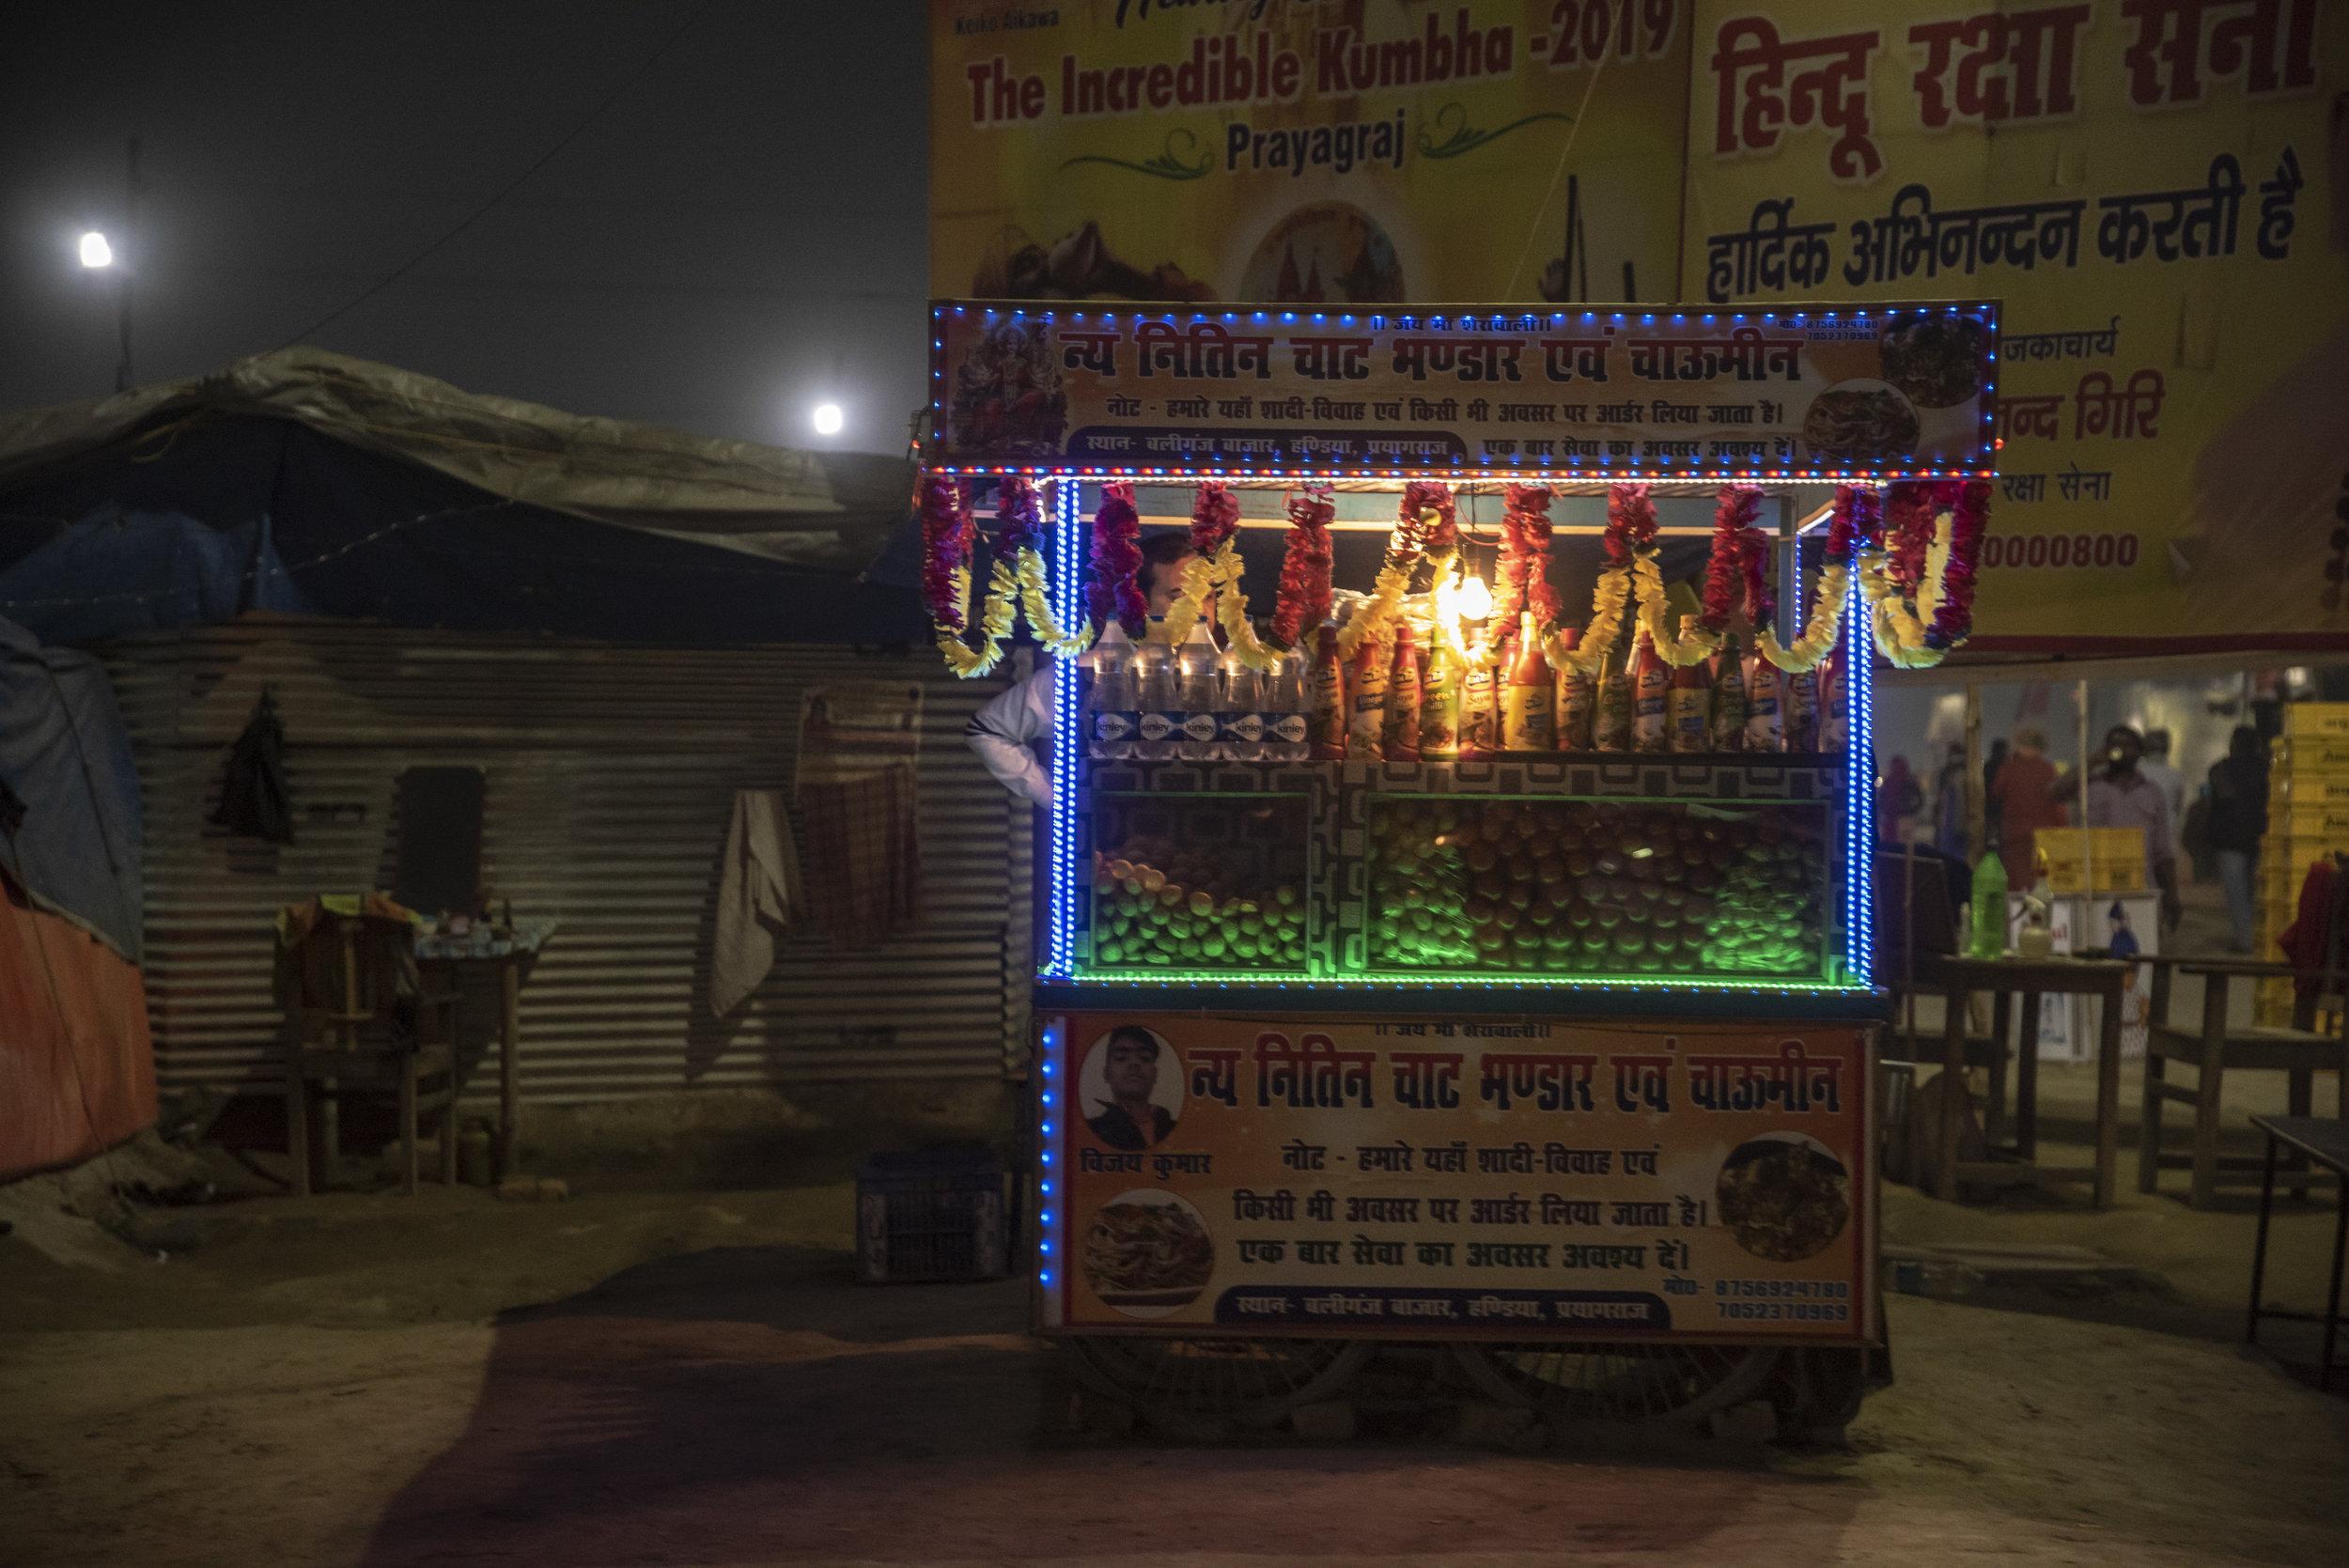 Illuminated roadside food stall